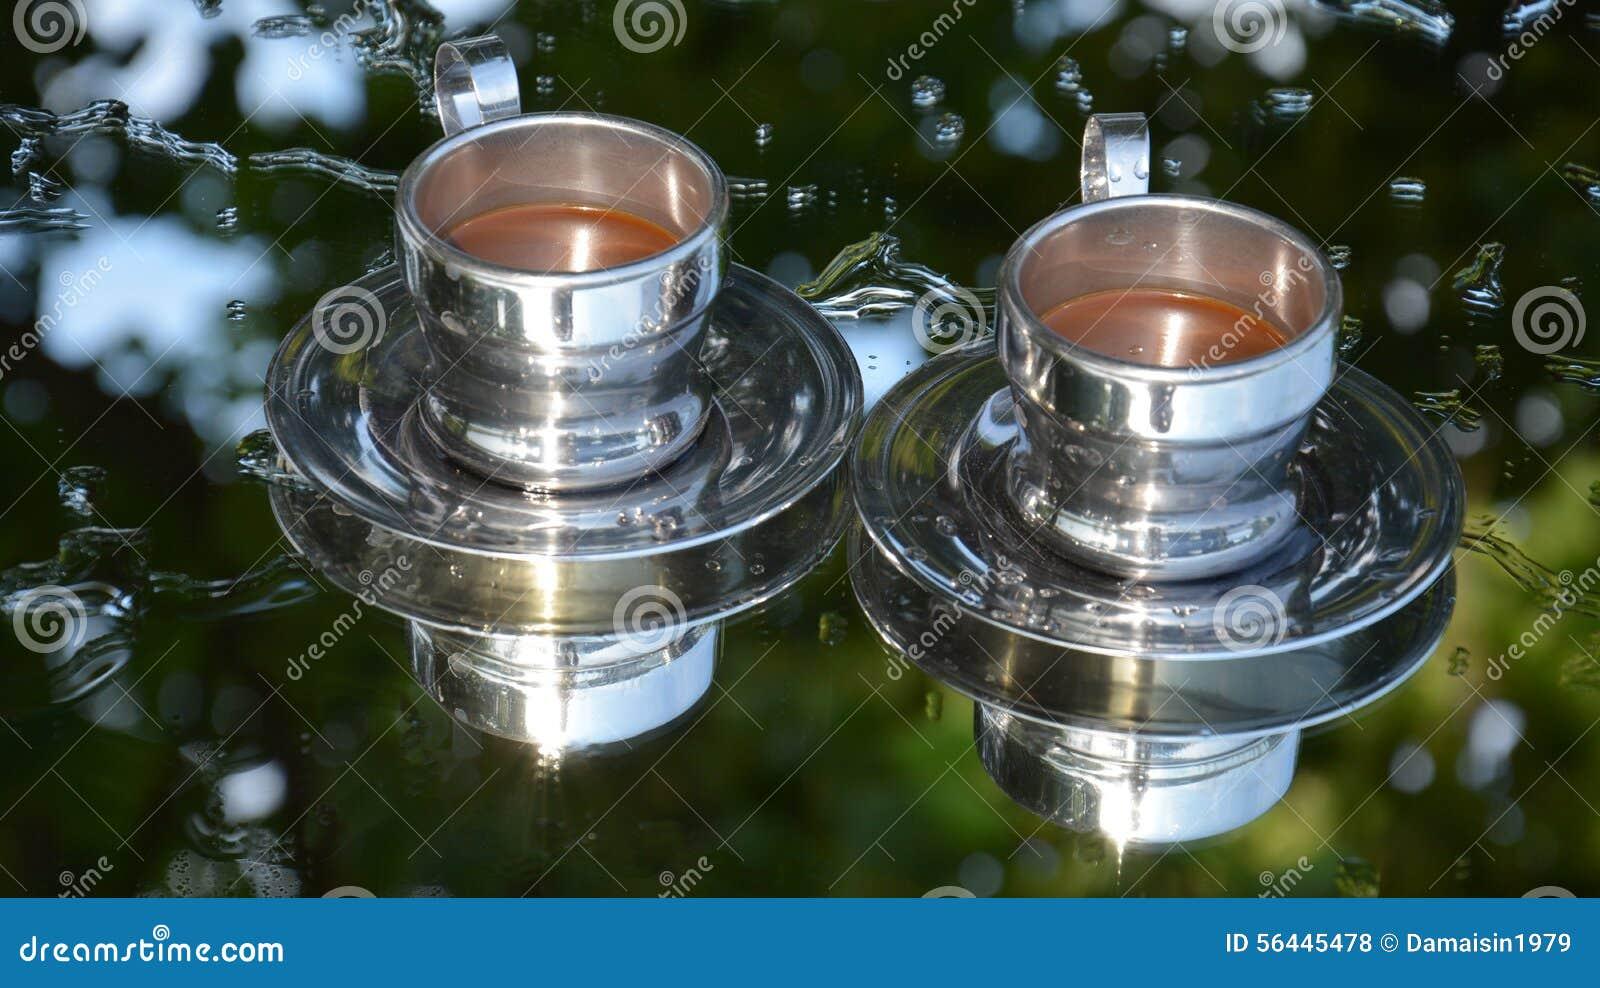 zwei kaffeetasse spiegel bild stockfoto bild 56445478. Black Bedroom Furniture Sets. Home Design Ideas